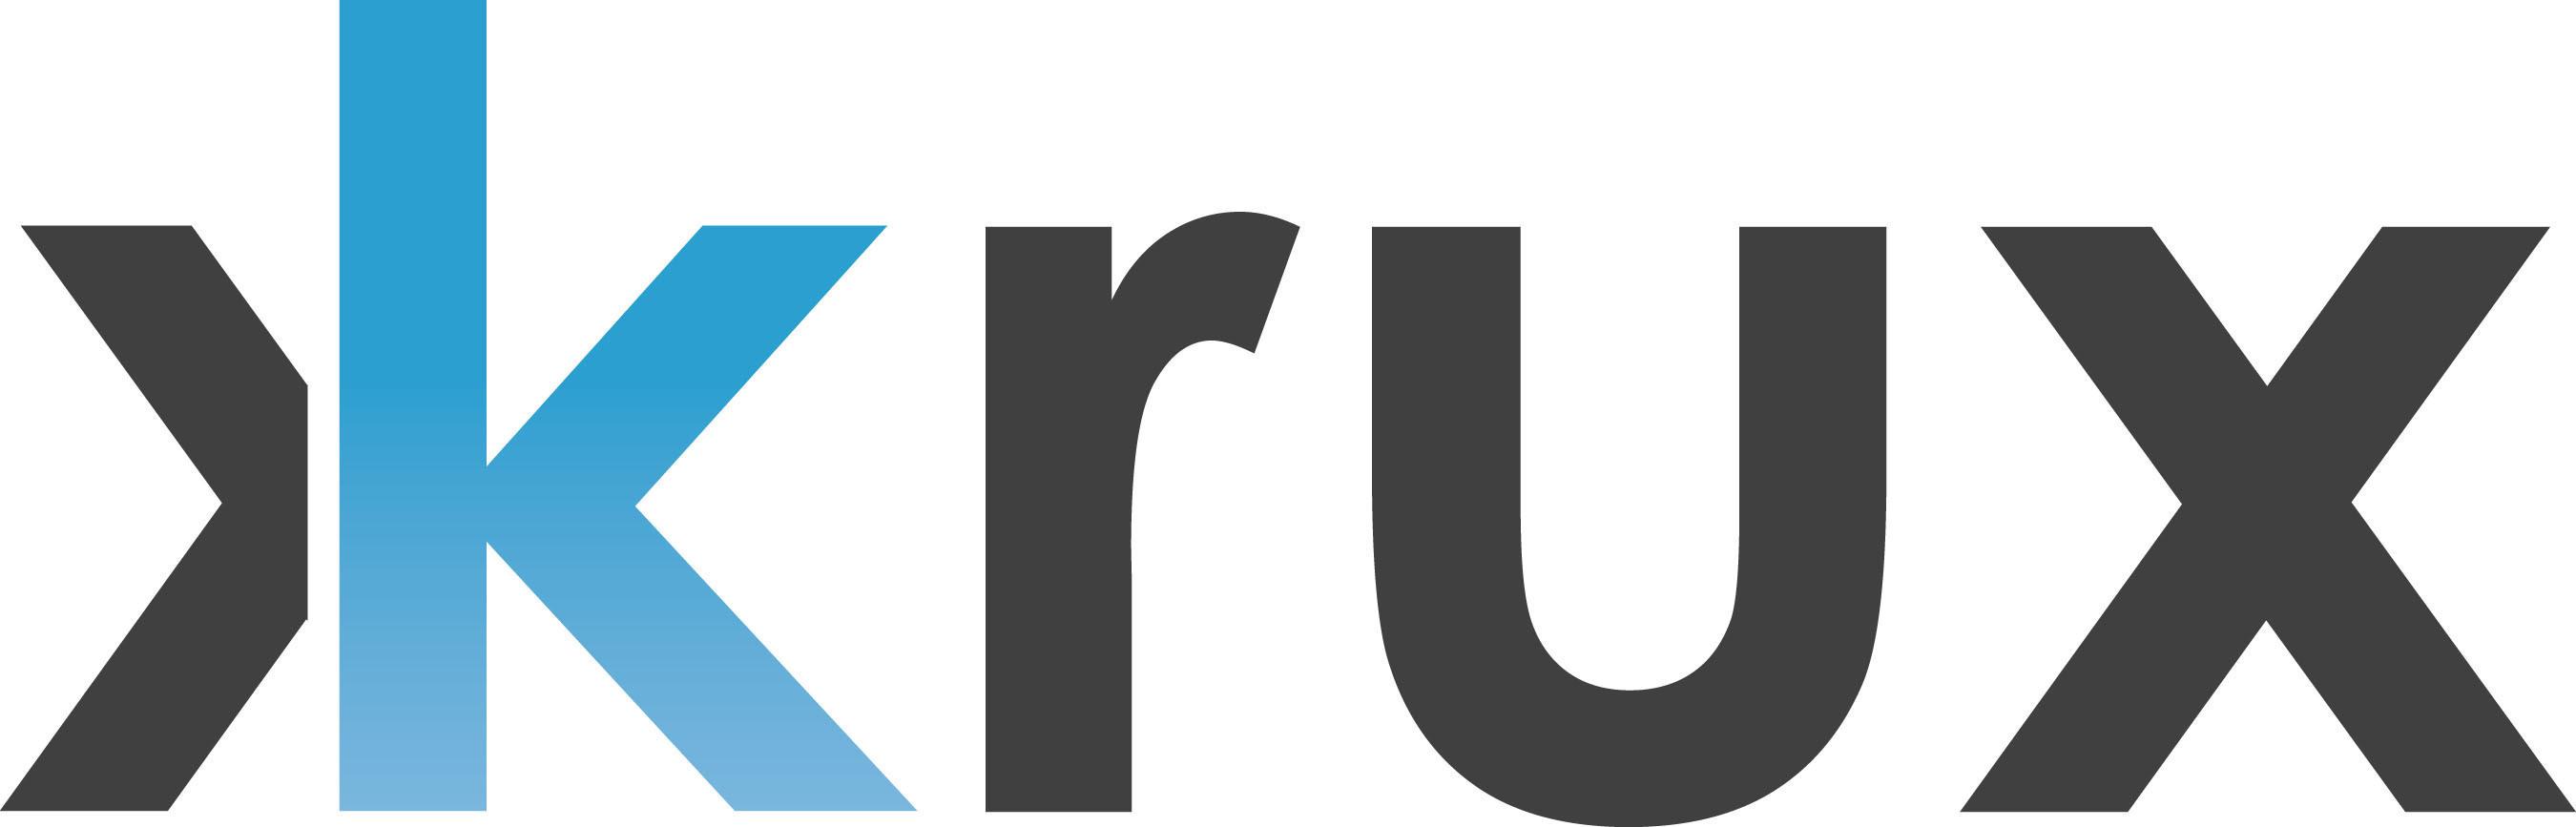 Wachstum von Krux im Jahr 2014 unterstreicht Nachfrage nach Channel-übergreifendem Datenmanagement